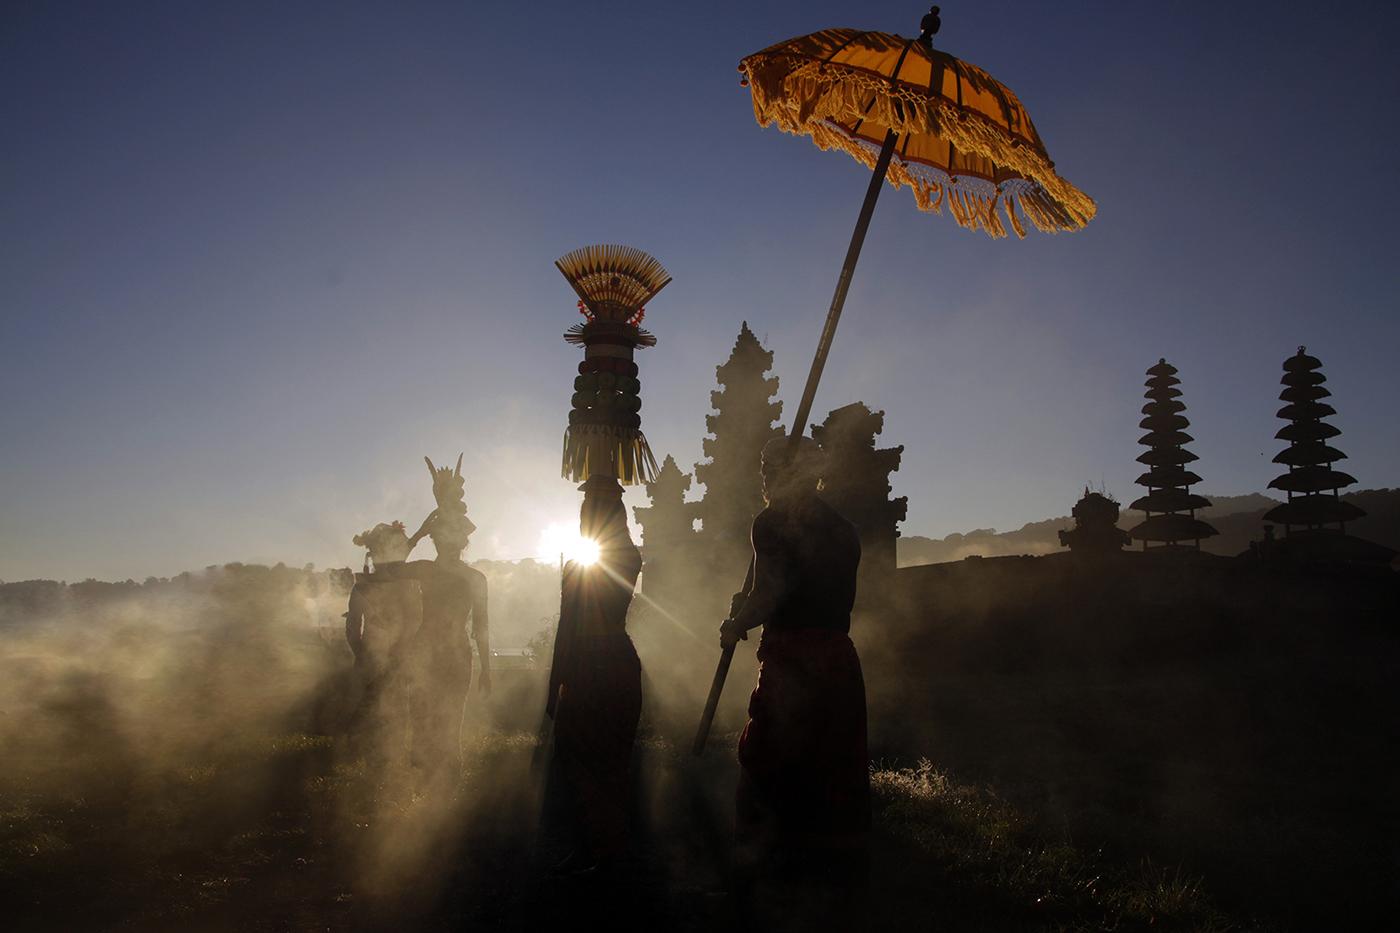 Szertartás a Tamblingan tó partján / Ceremony at Tamblingan See (Bali, 2016.07.06.)